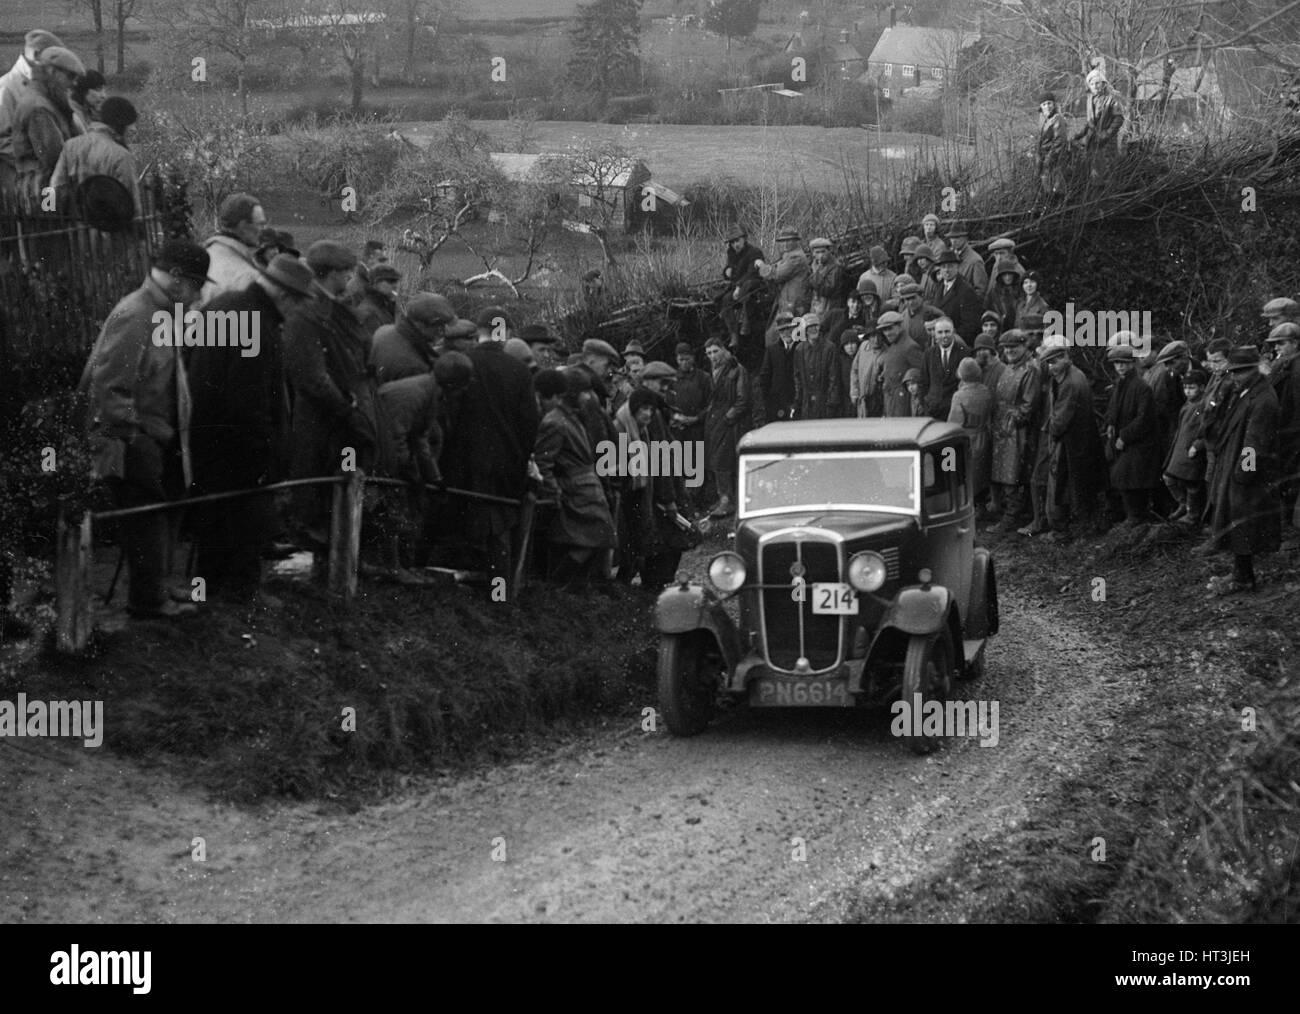 Standard of AV Spotiswoode competing in the MCC Exeter Trial, Ibberton Hill, Dorset, 1930. Artist: Bill Brunell. Stock Photo